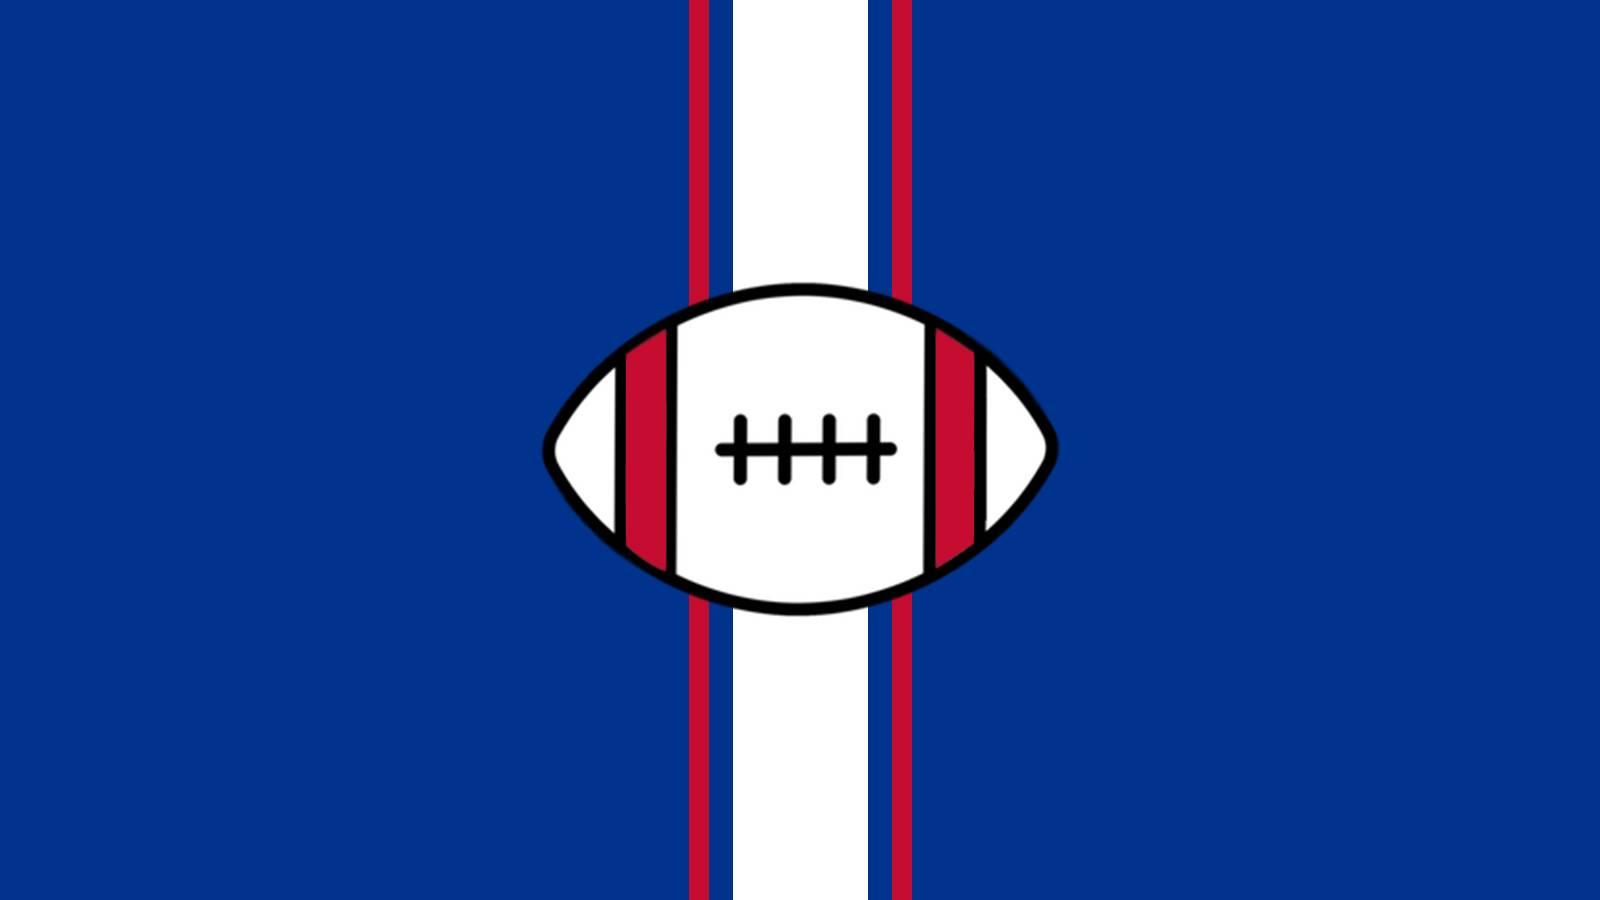 NFL Preseason - Indianapolis Colts at Buffalo Bills